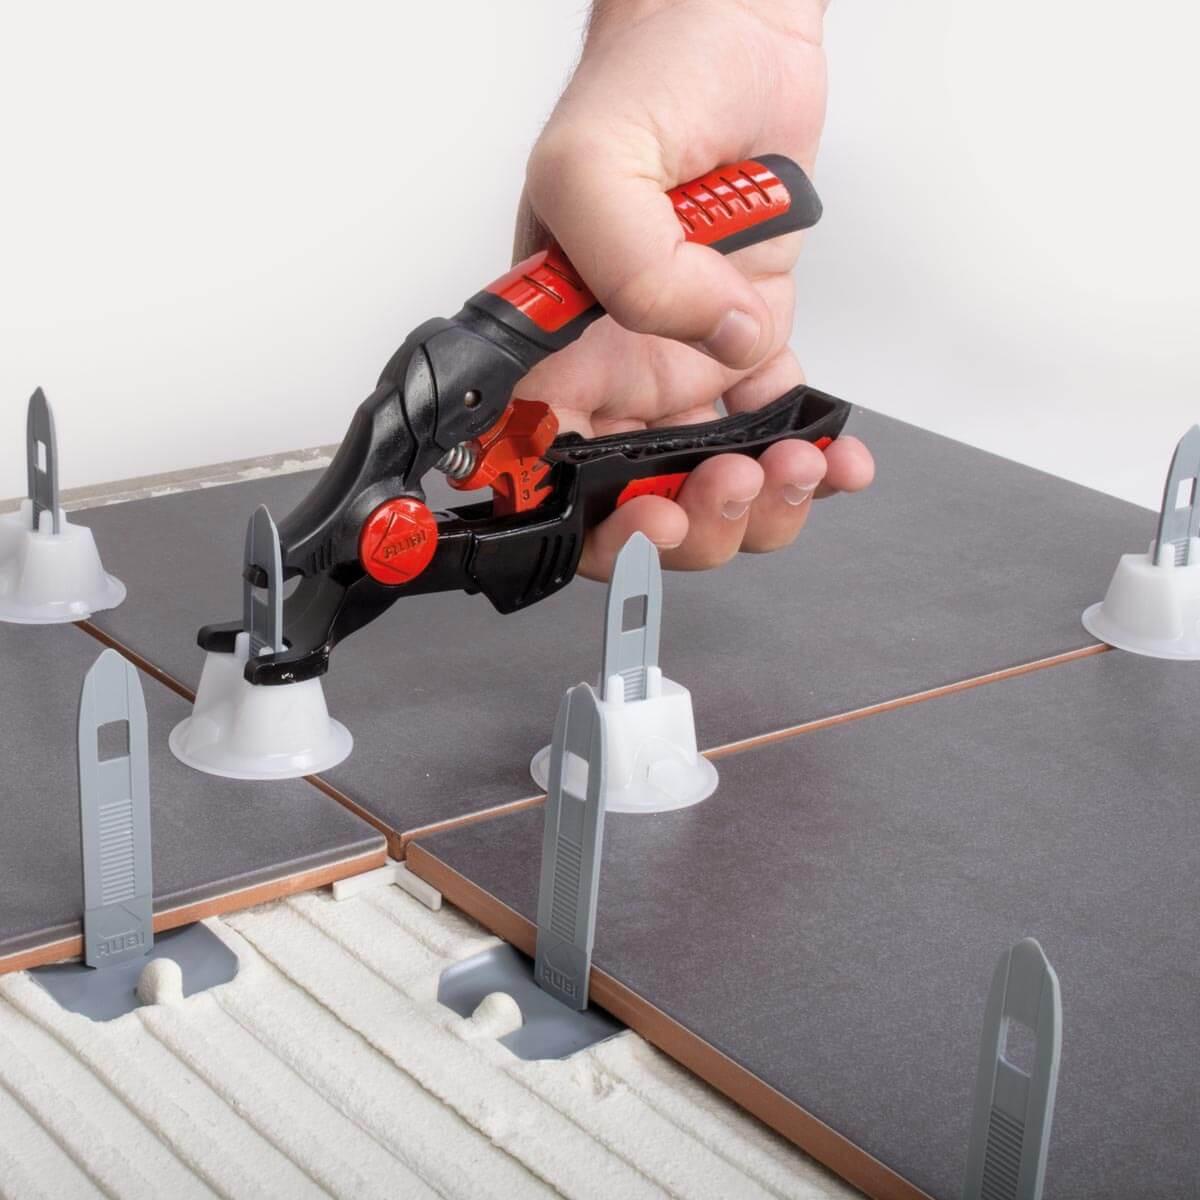 Rubi Tile Leveling Quick pliers